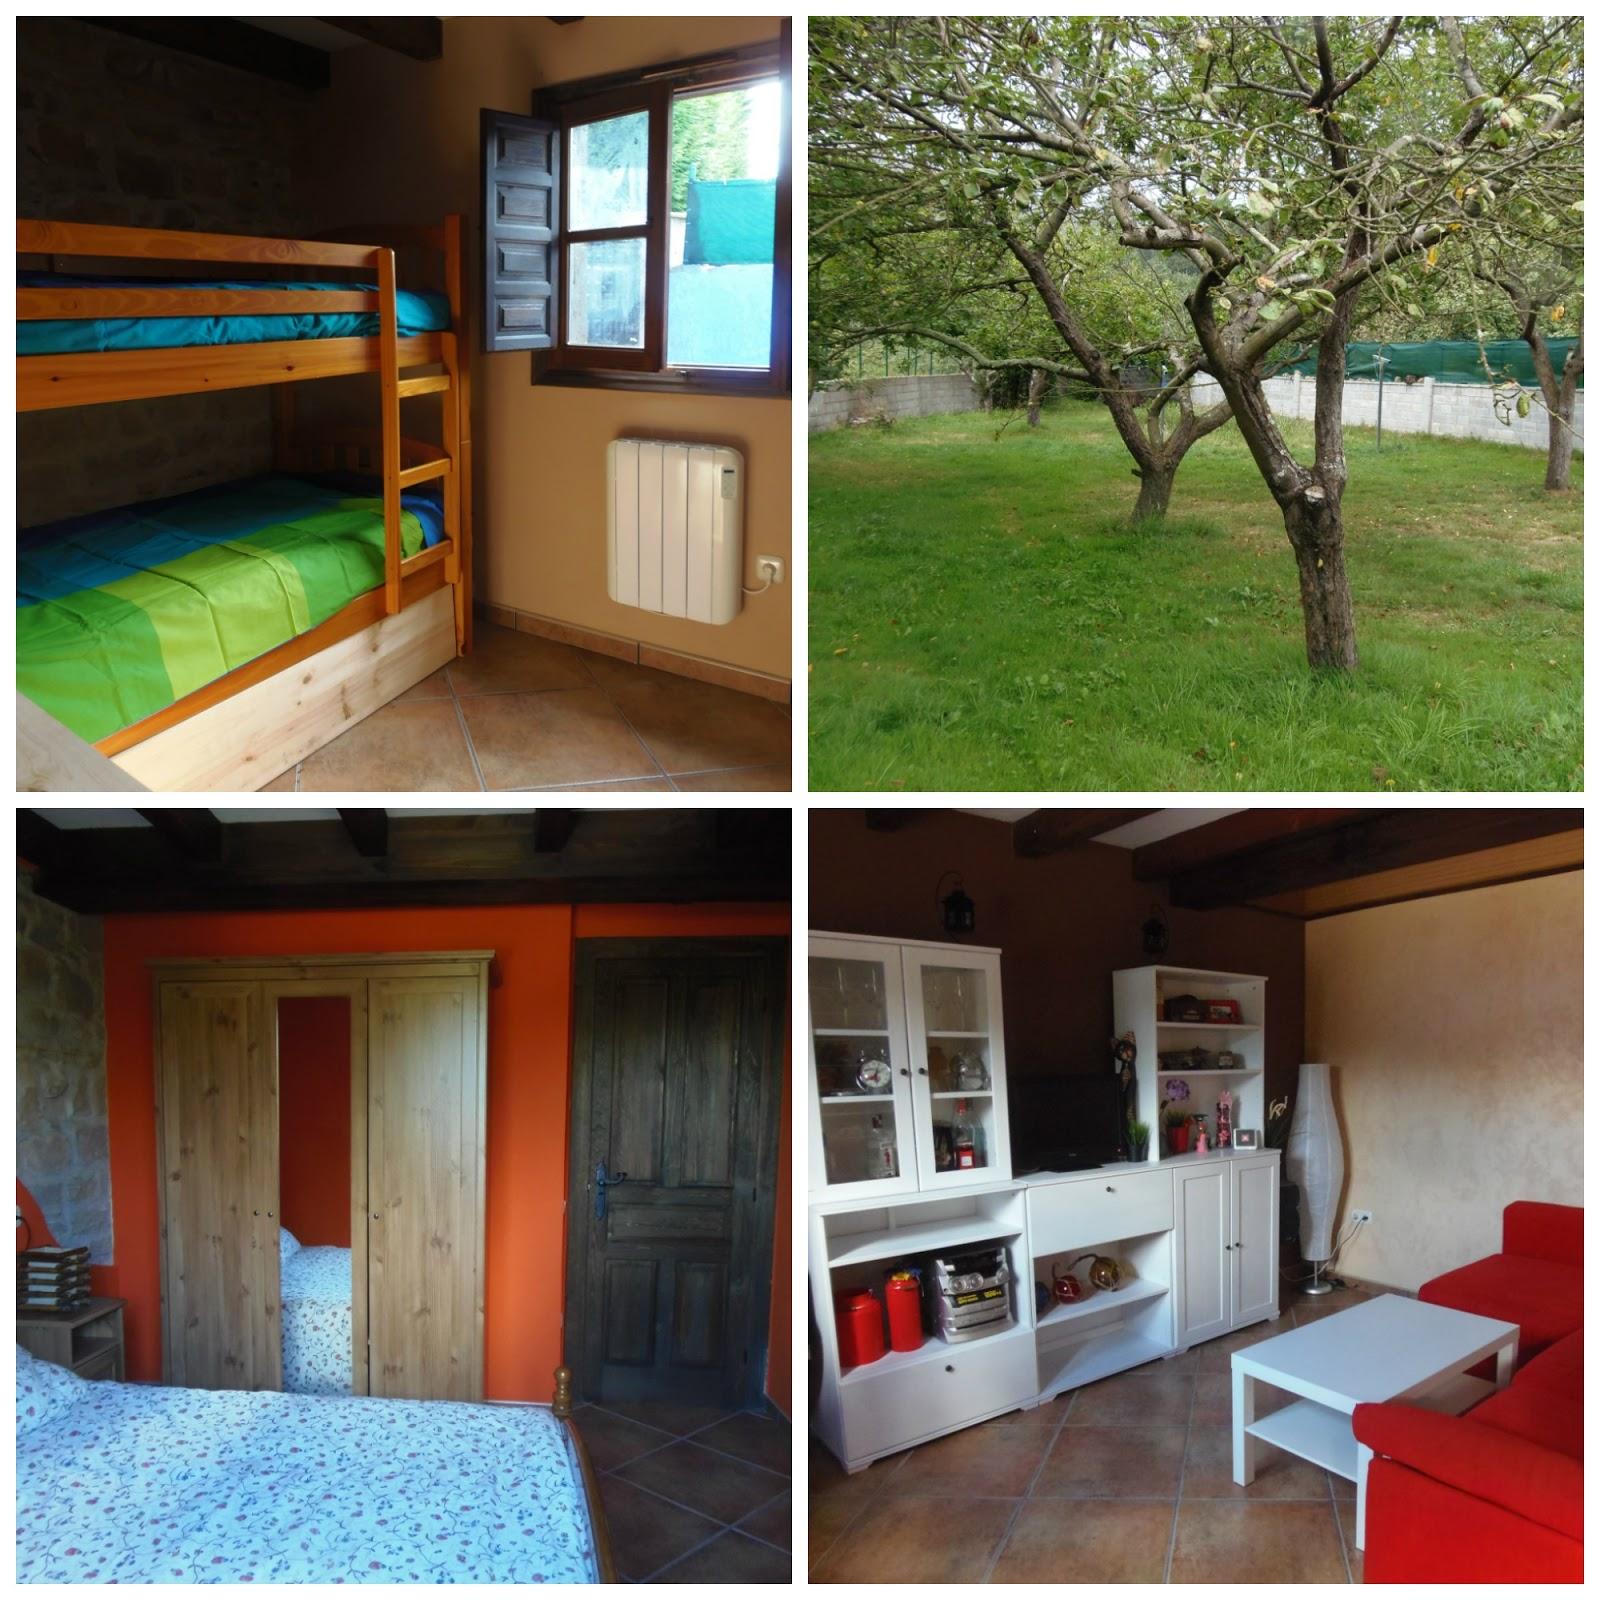 Asturias te descubrimos 5 casas rurales con mucho encanto modeando tu blog de moda y - Casas con encanto asturias ...